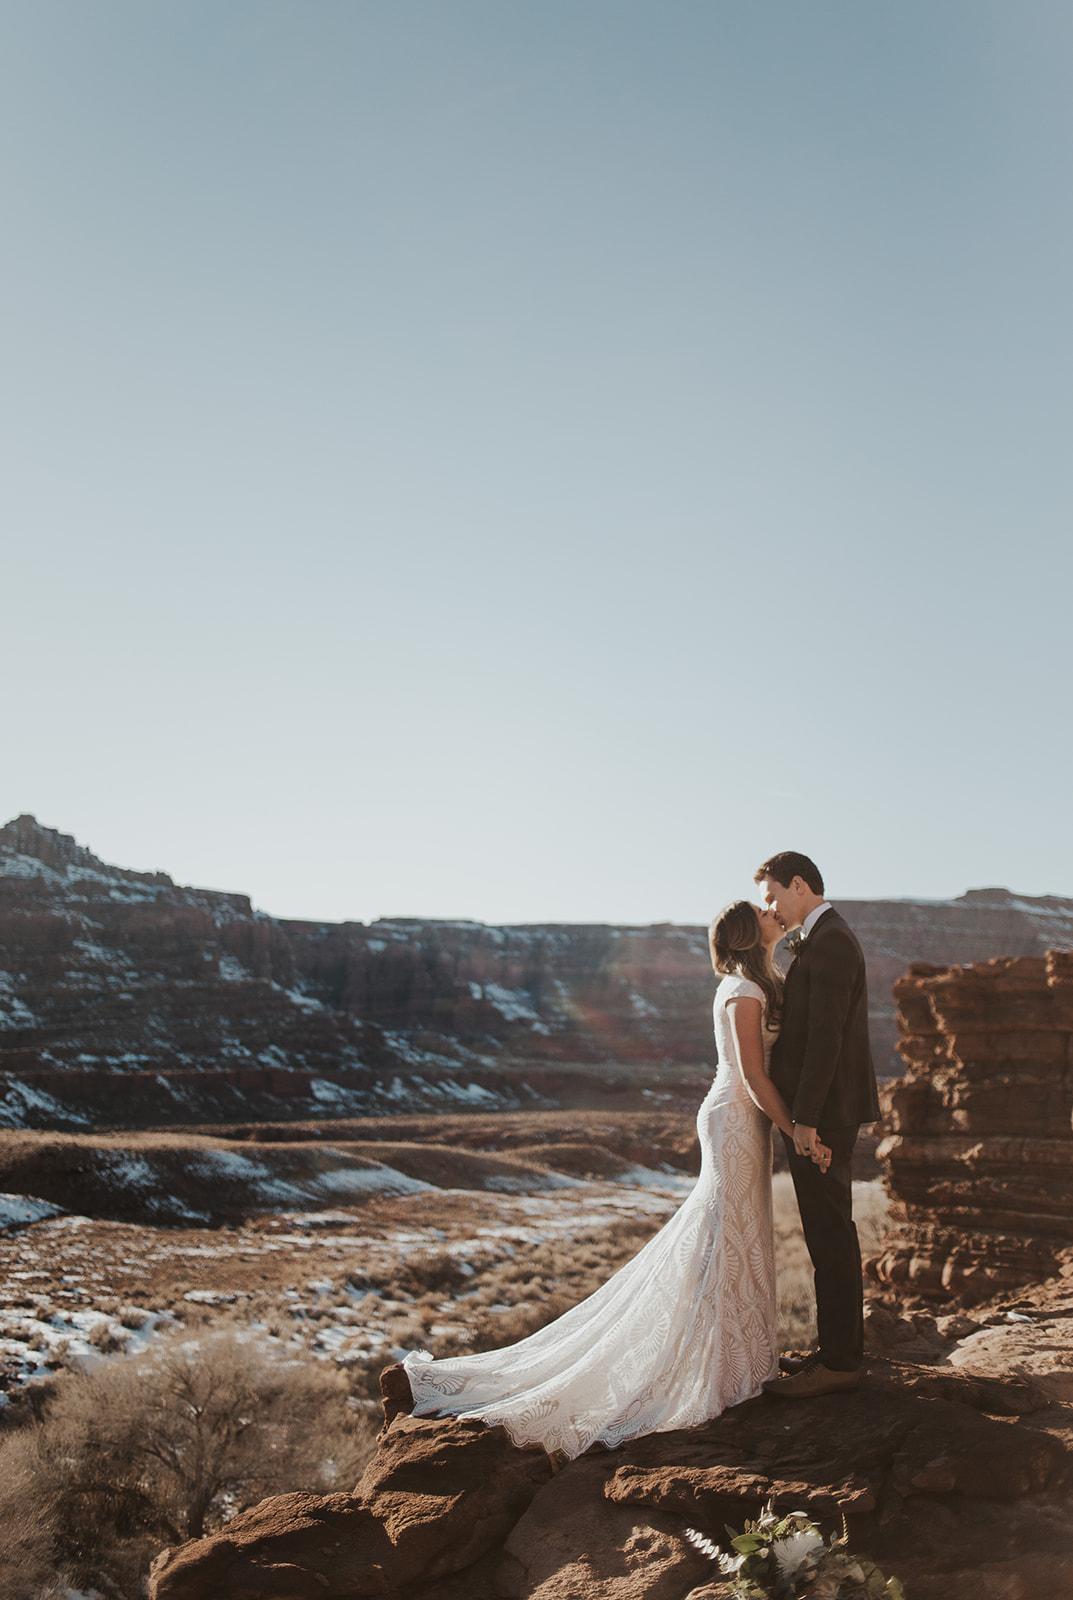 jamie+weston bridals-58.jpg